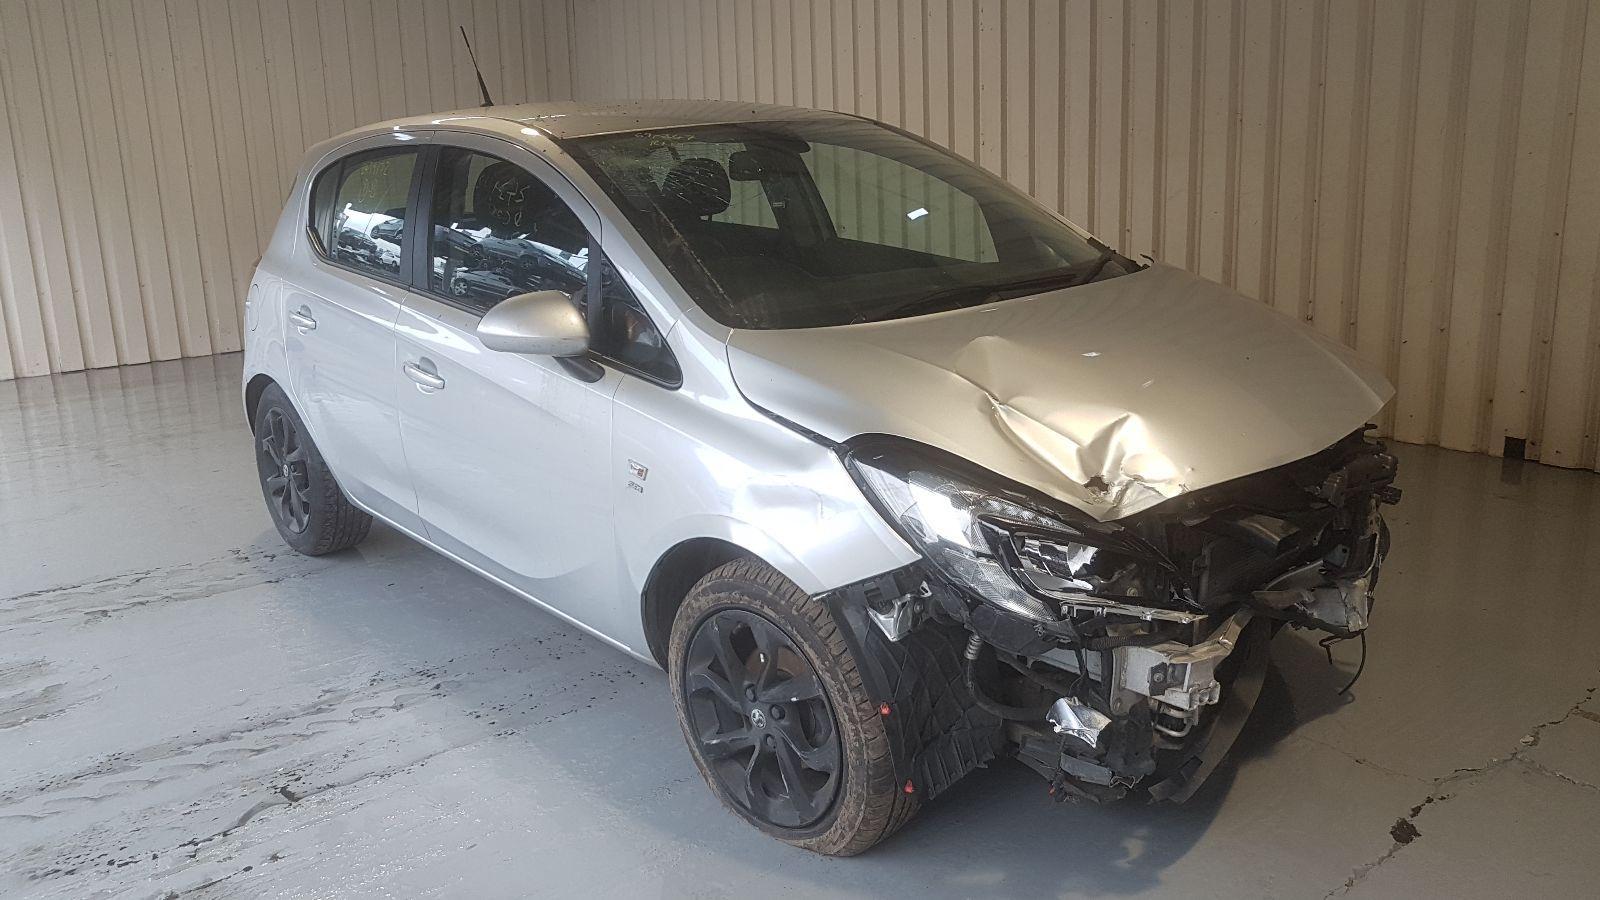 Image for a Vauxhall Corsa 2015 5 Door Hatchback Breaking